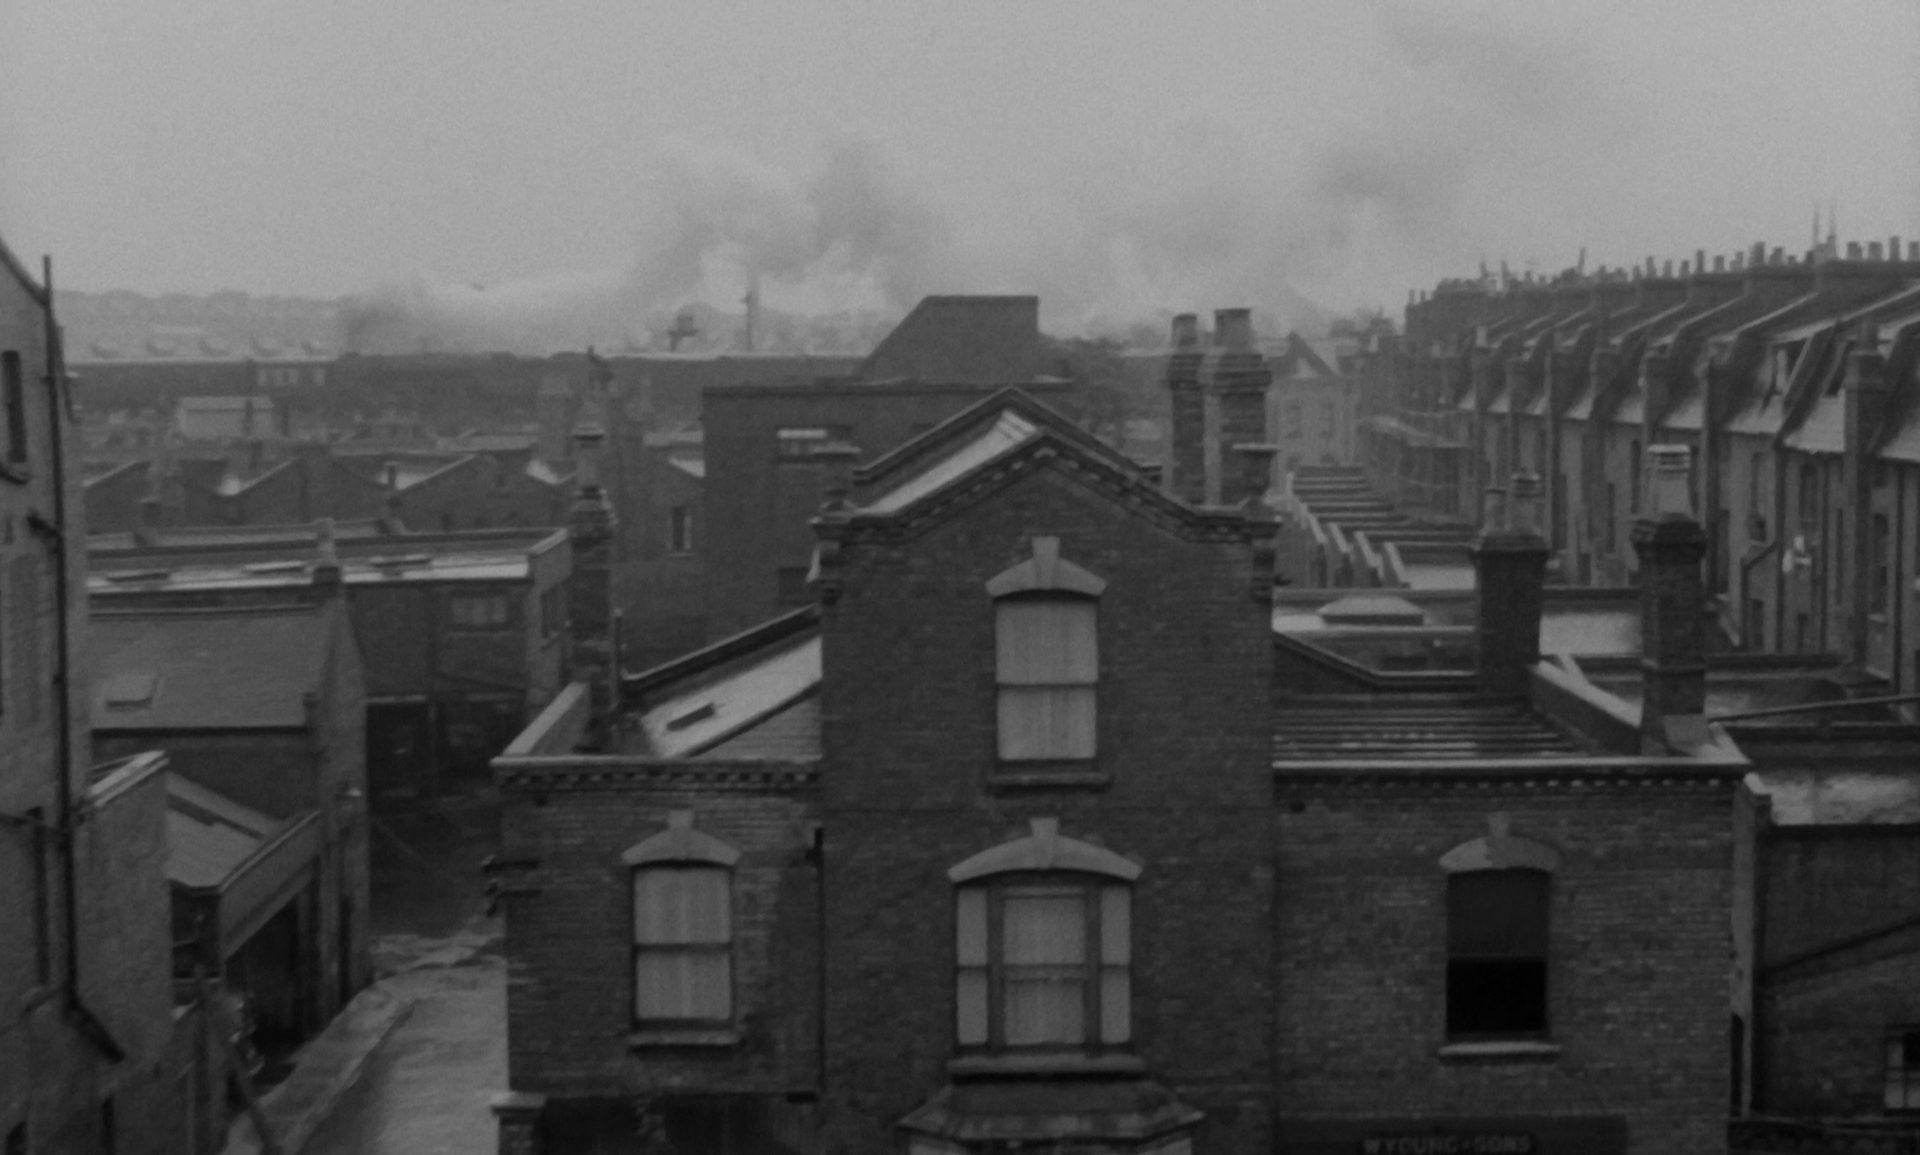 Die triste Szenerie eines Arbeiterviertels.